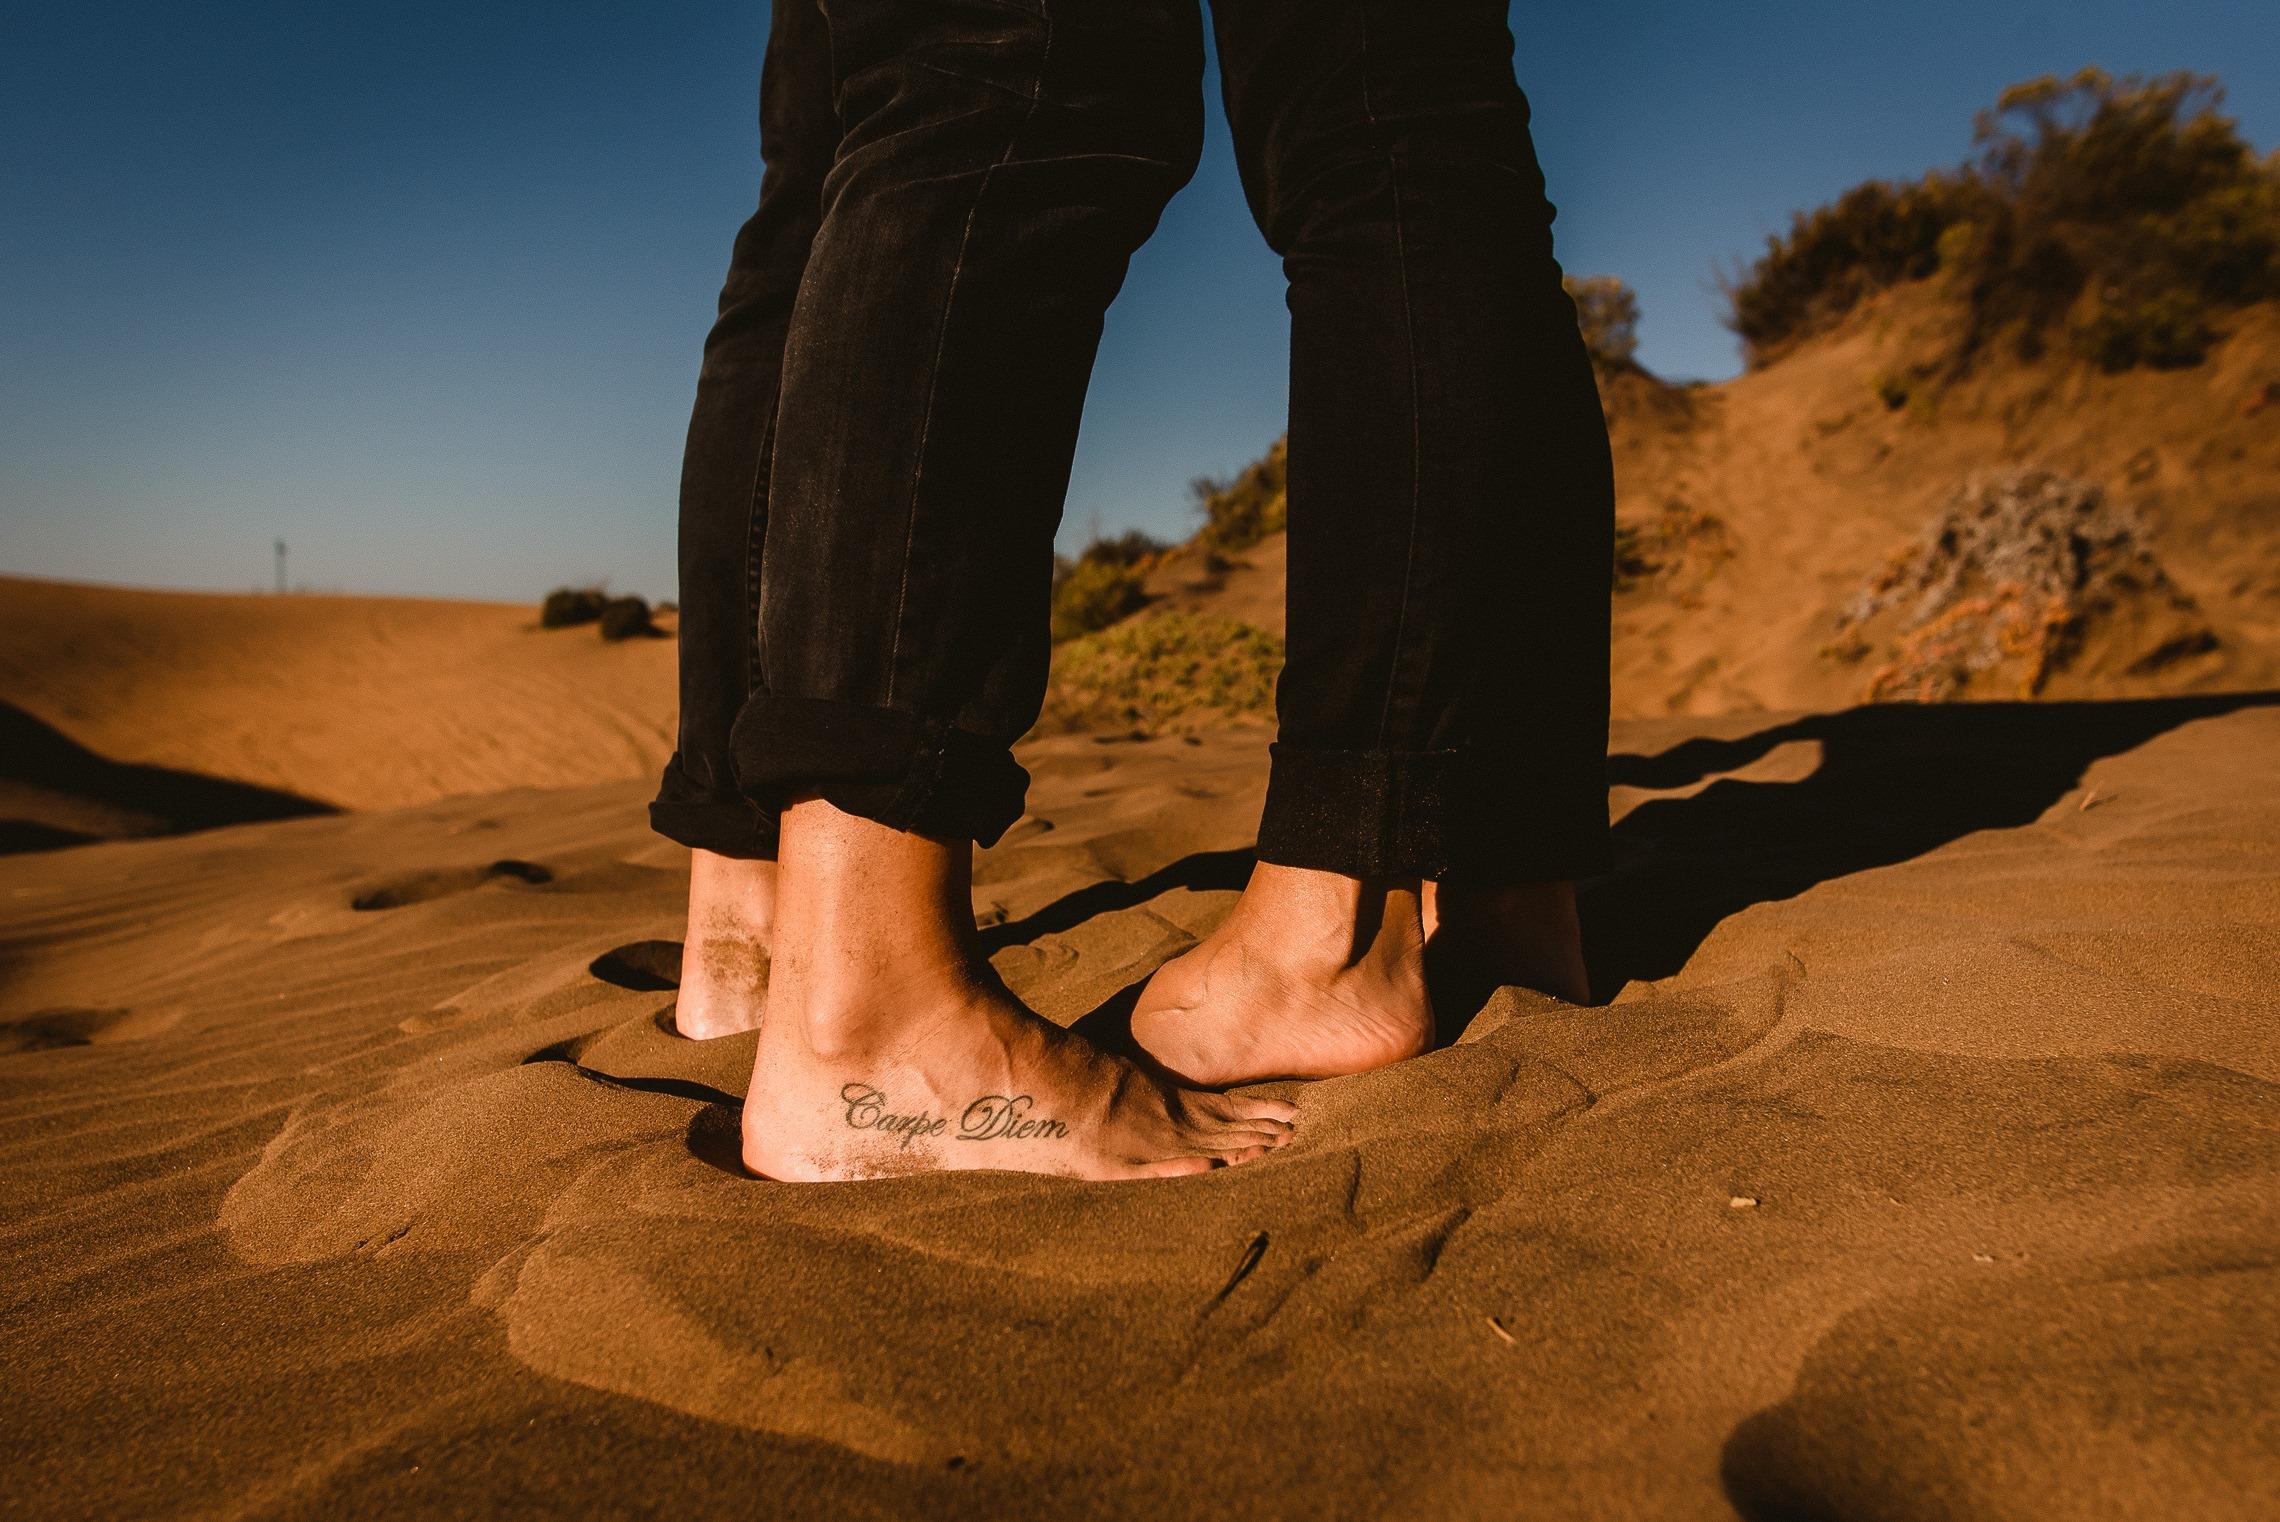 preboda-dunas-concon-quinta-region-matrimonio-chile-deborah-dantzoff 01